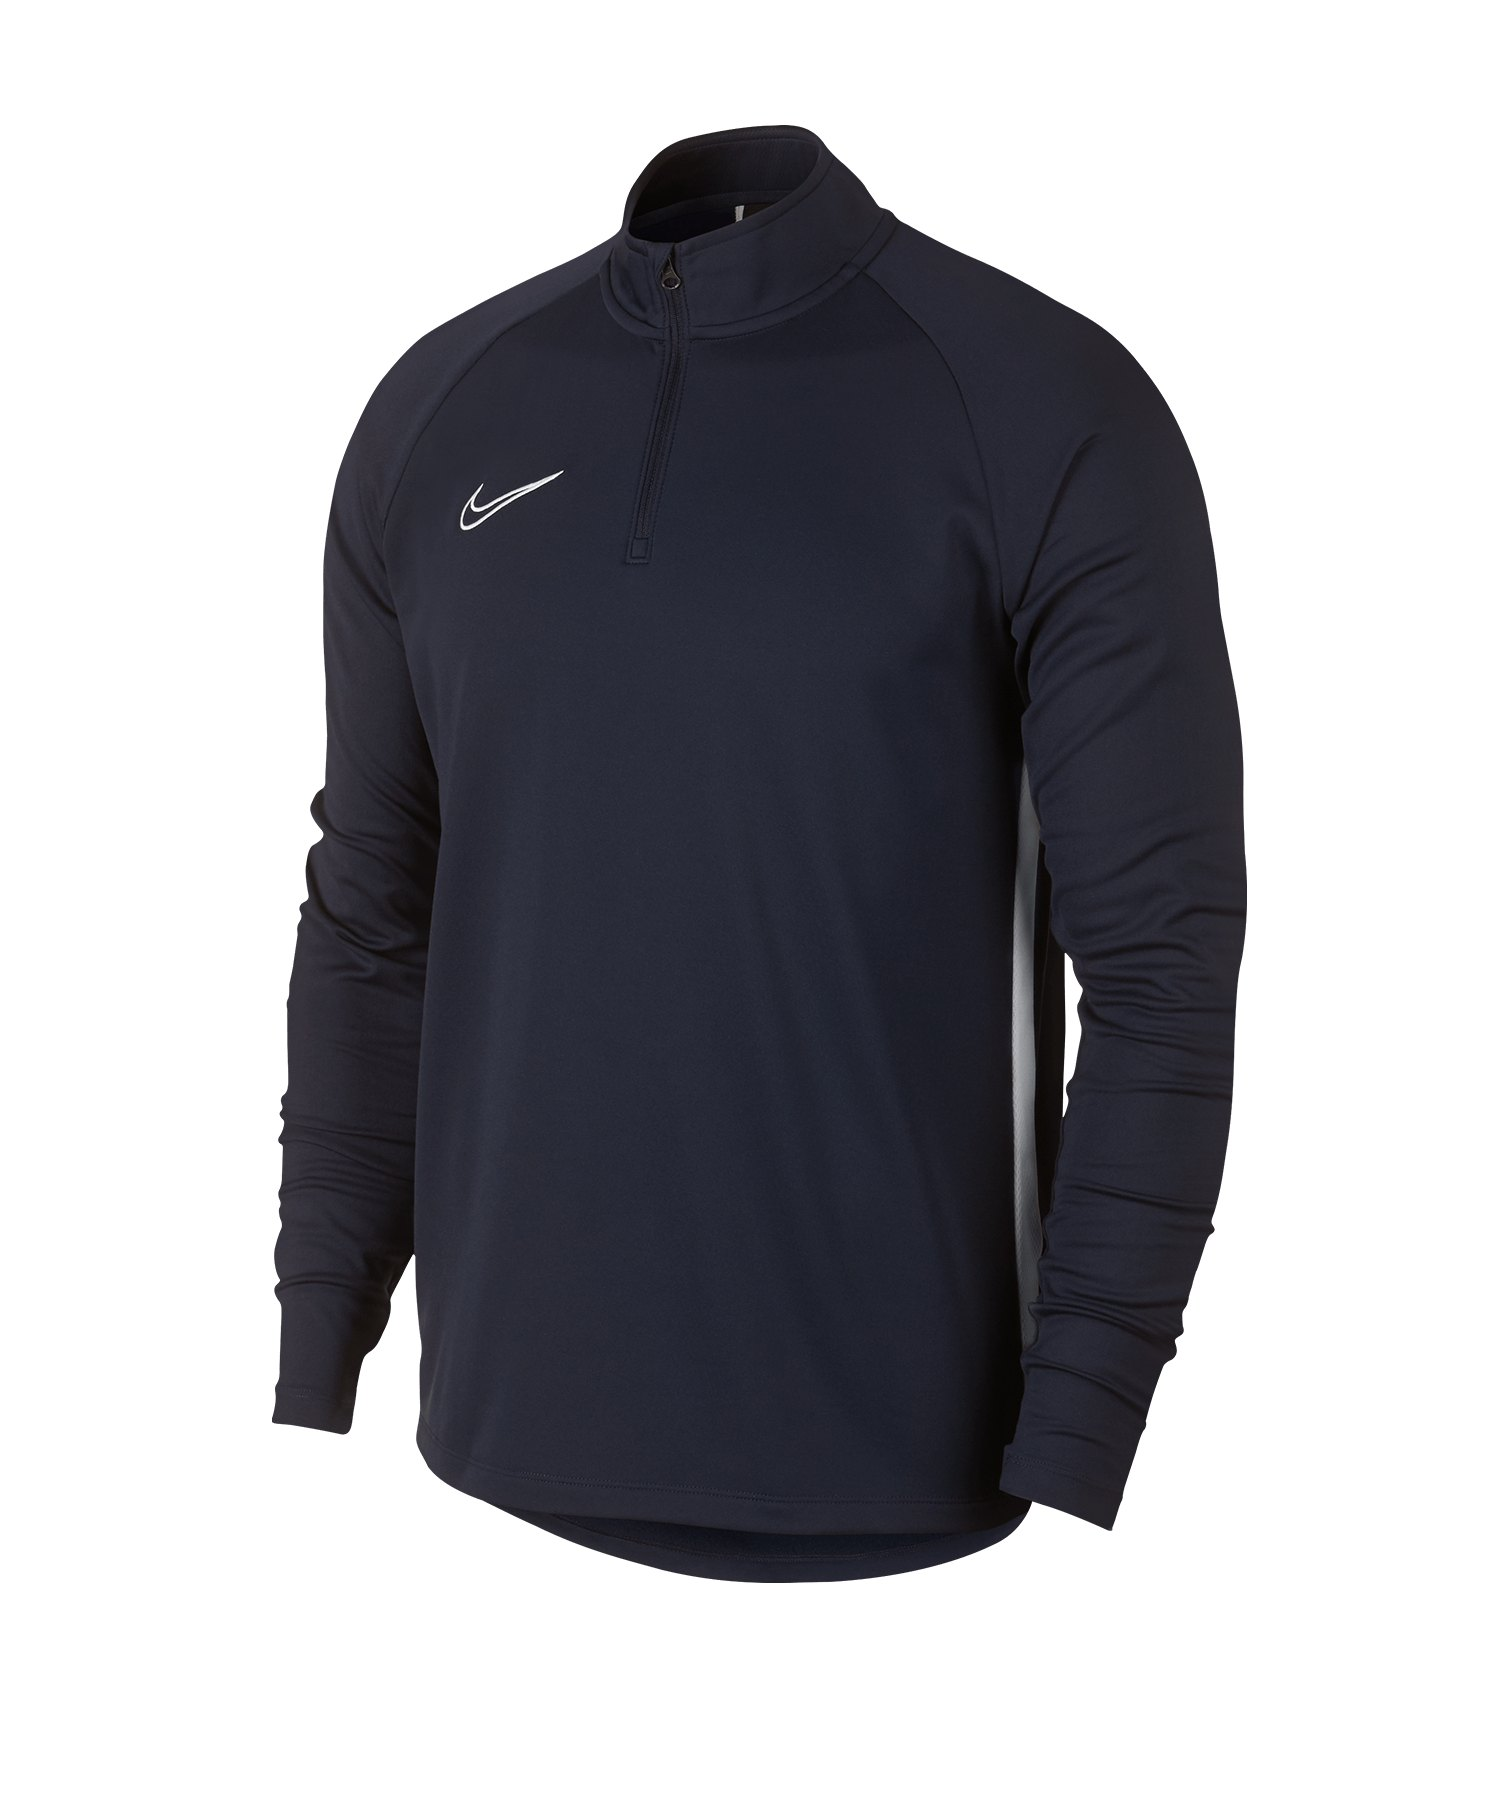 Nike Dry Academy Drill Top Blau F451 - blau